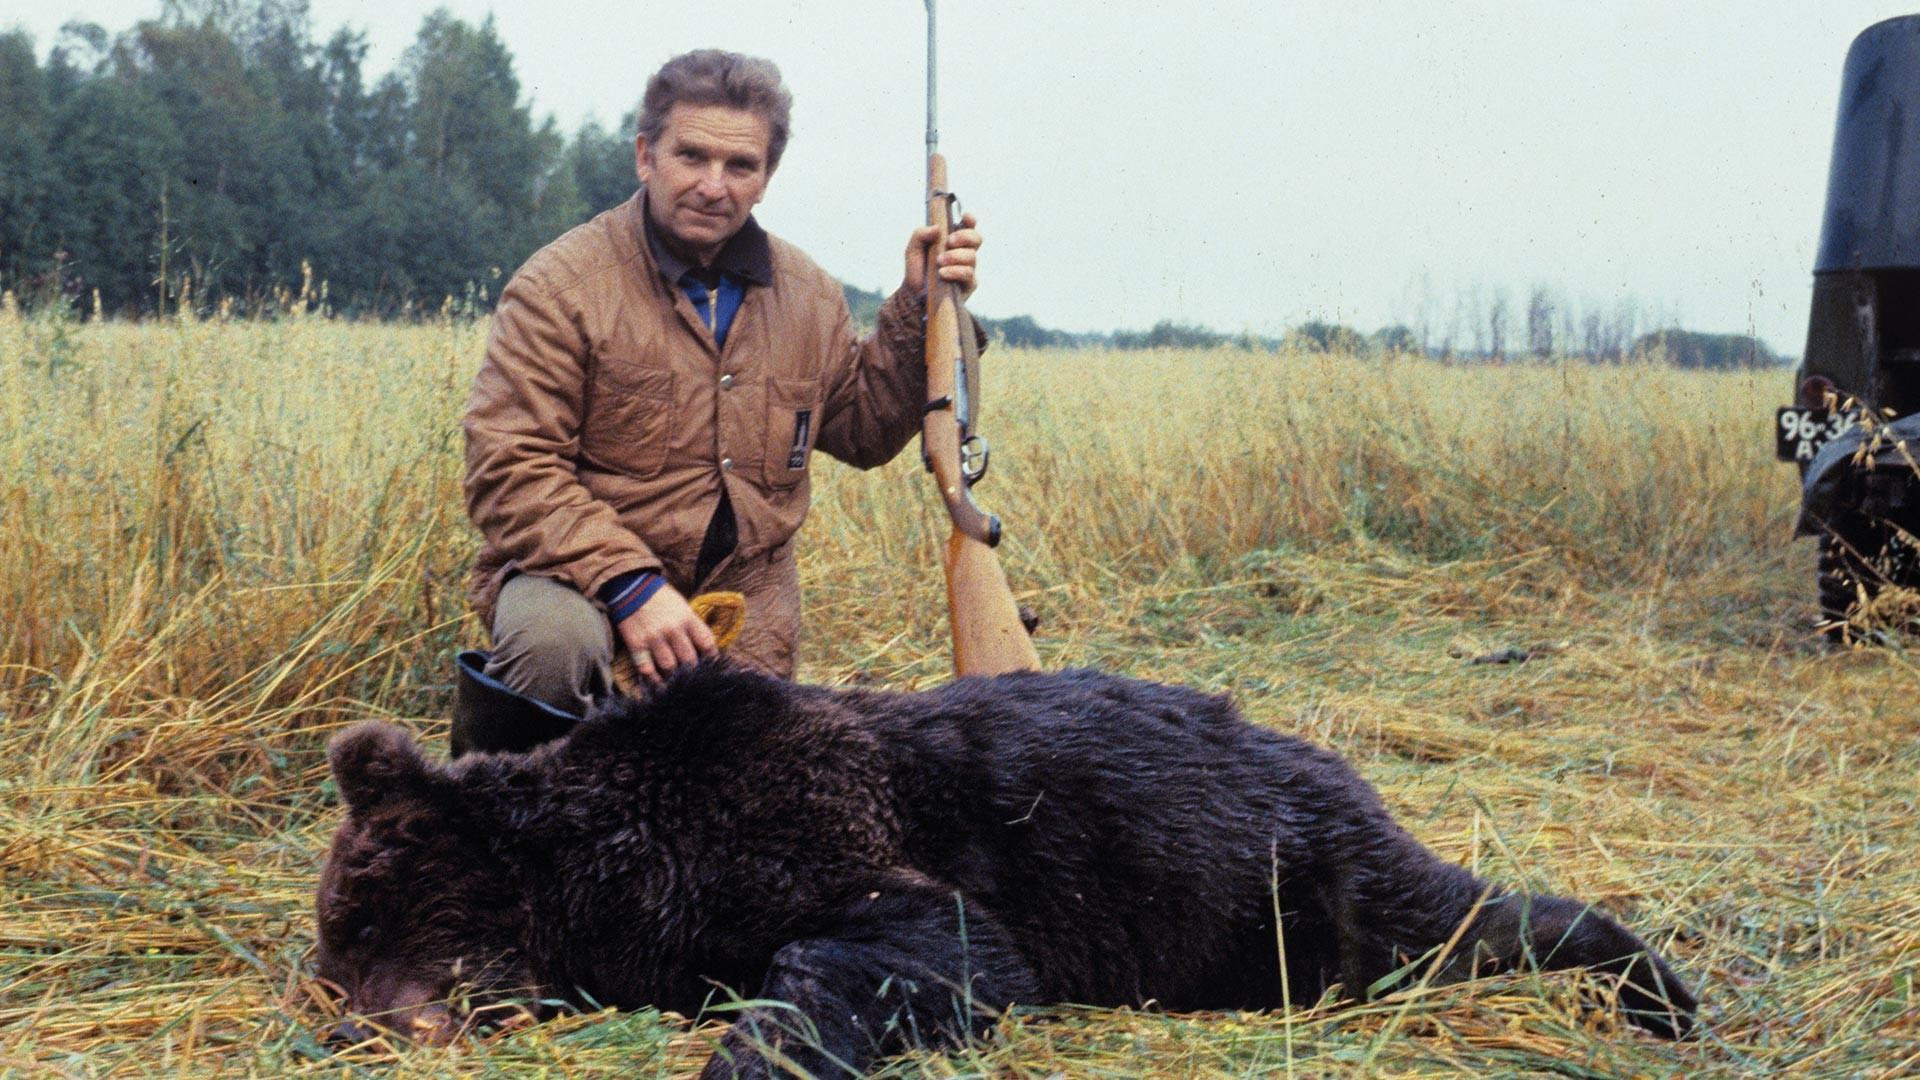 Perburuan beruang abad ke-20